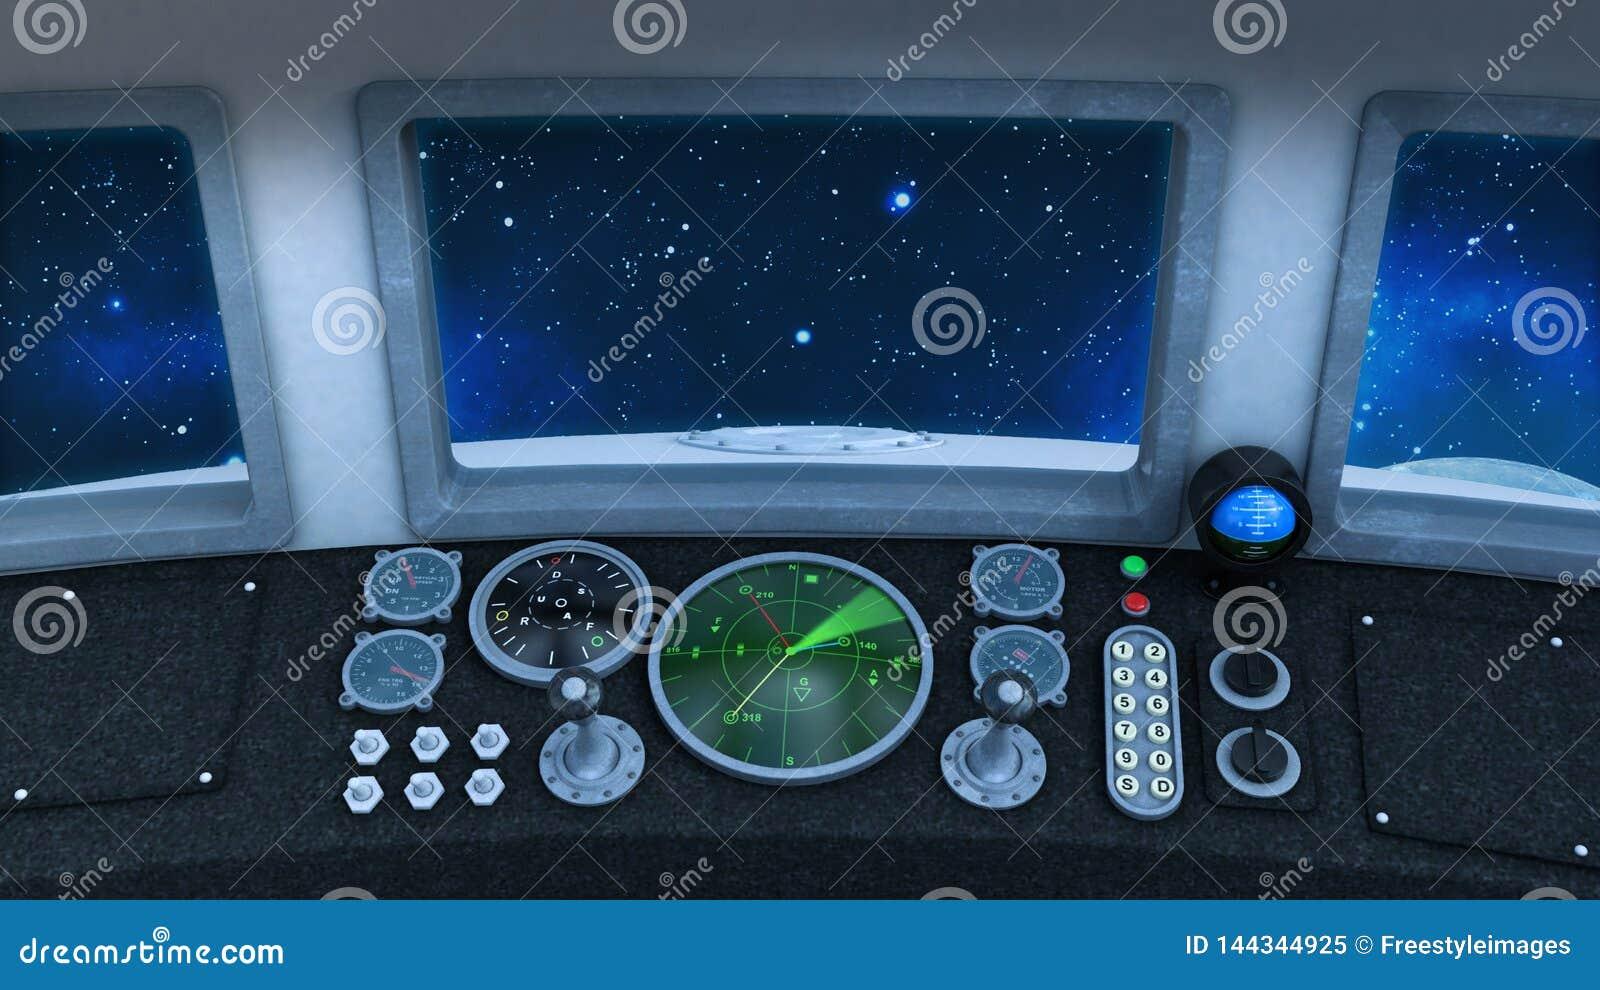 Cockpit Of Retro UFO Spaceship In Deep Space, Vintage Spacecraft